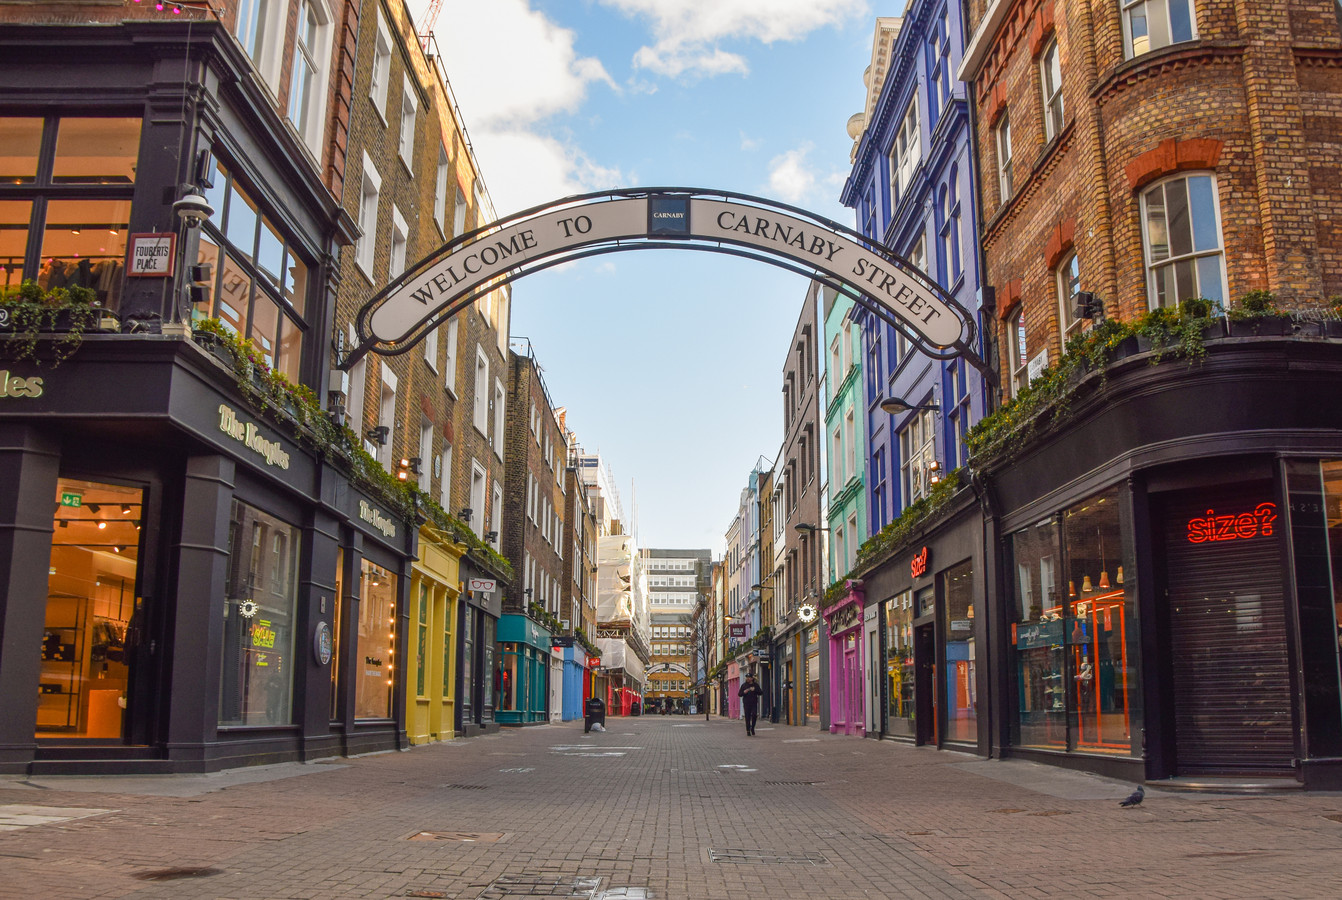 Een lege Carnaby Street in Londen.